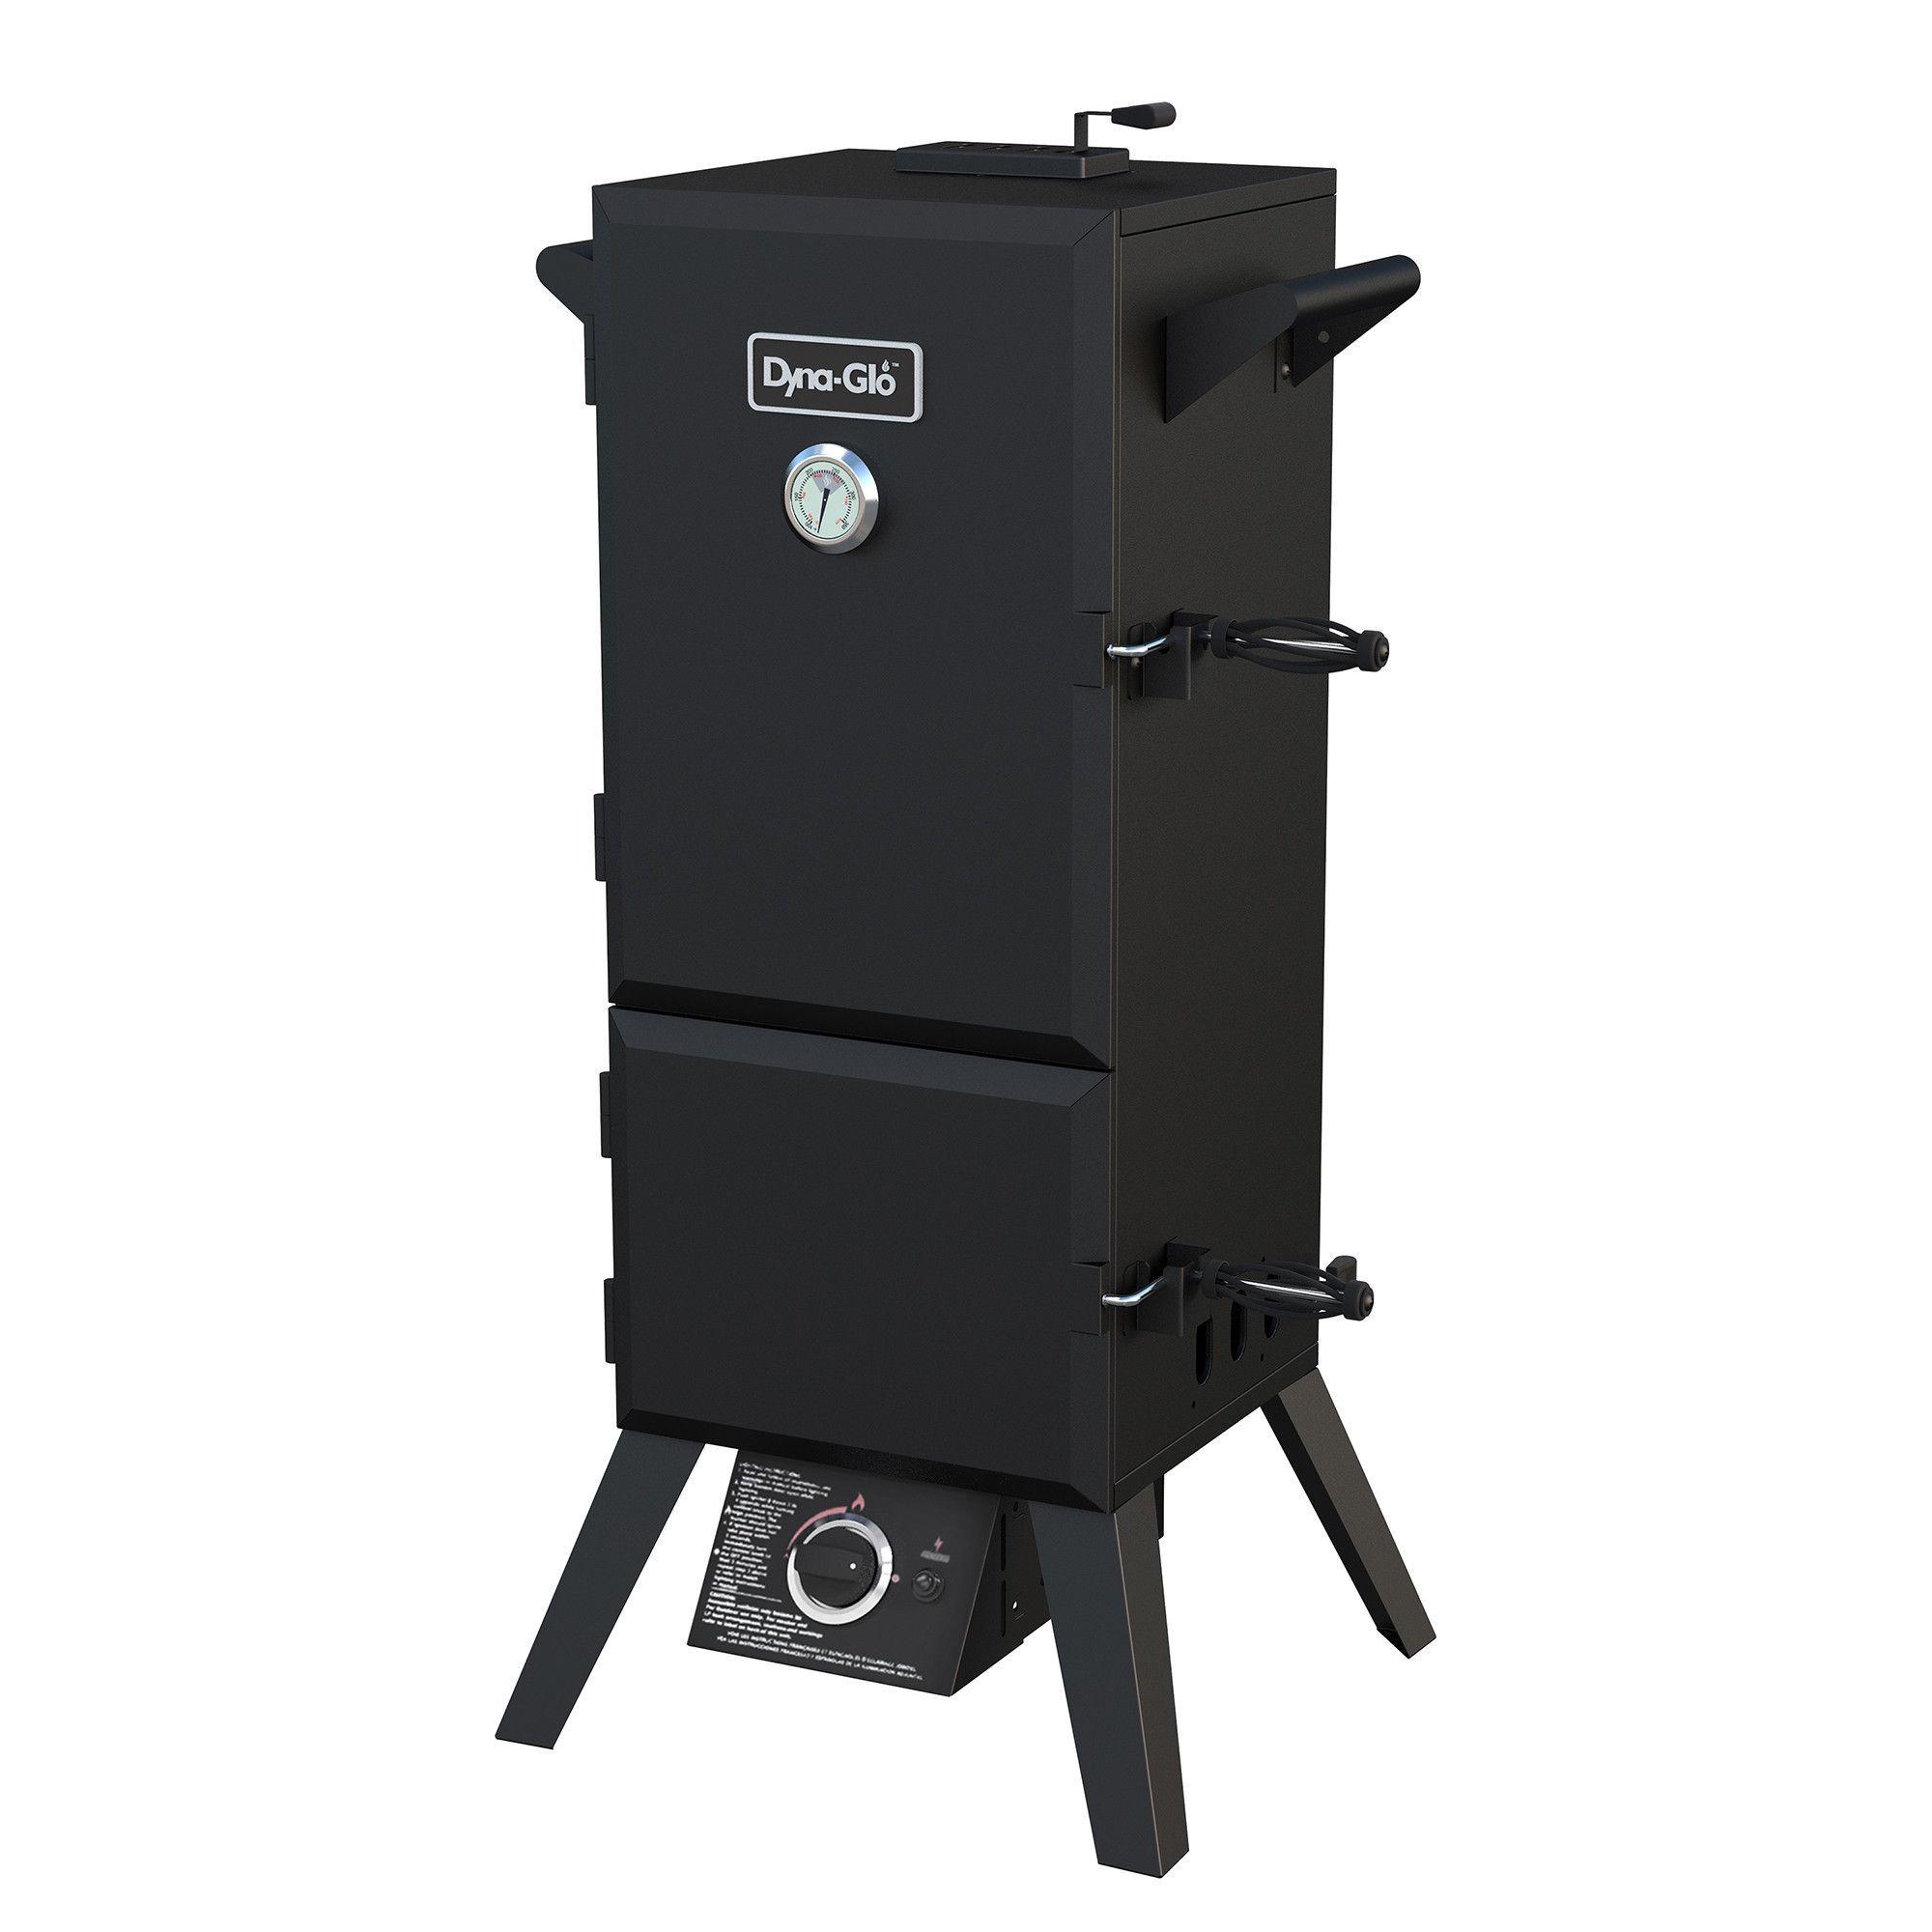 """19"""" Double Door Vertical Propane Smoker with Adjustable Cook Grate"""